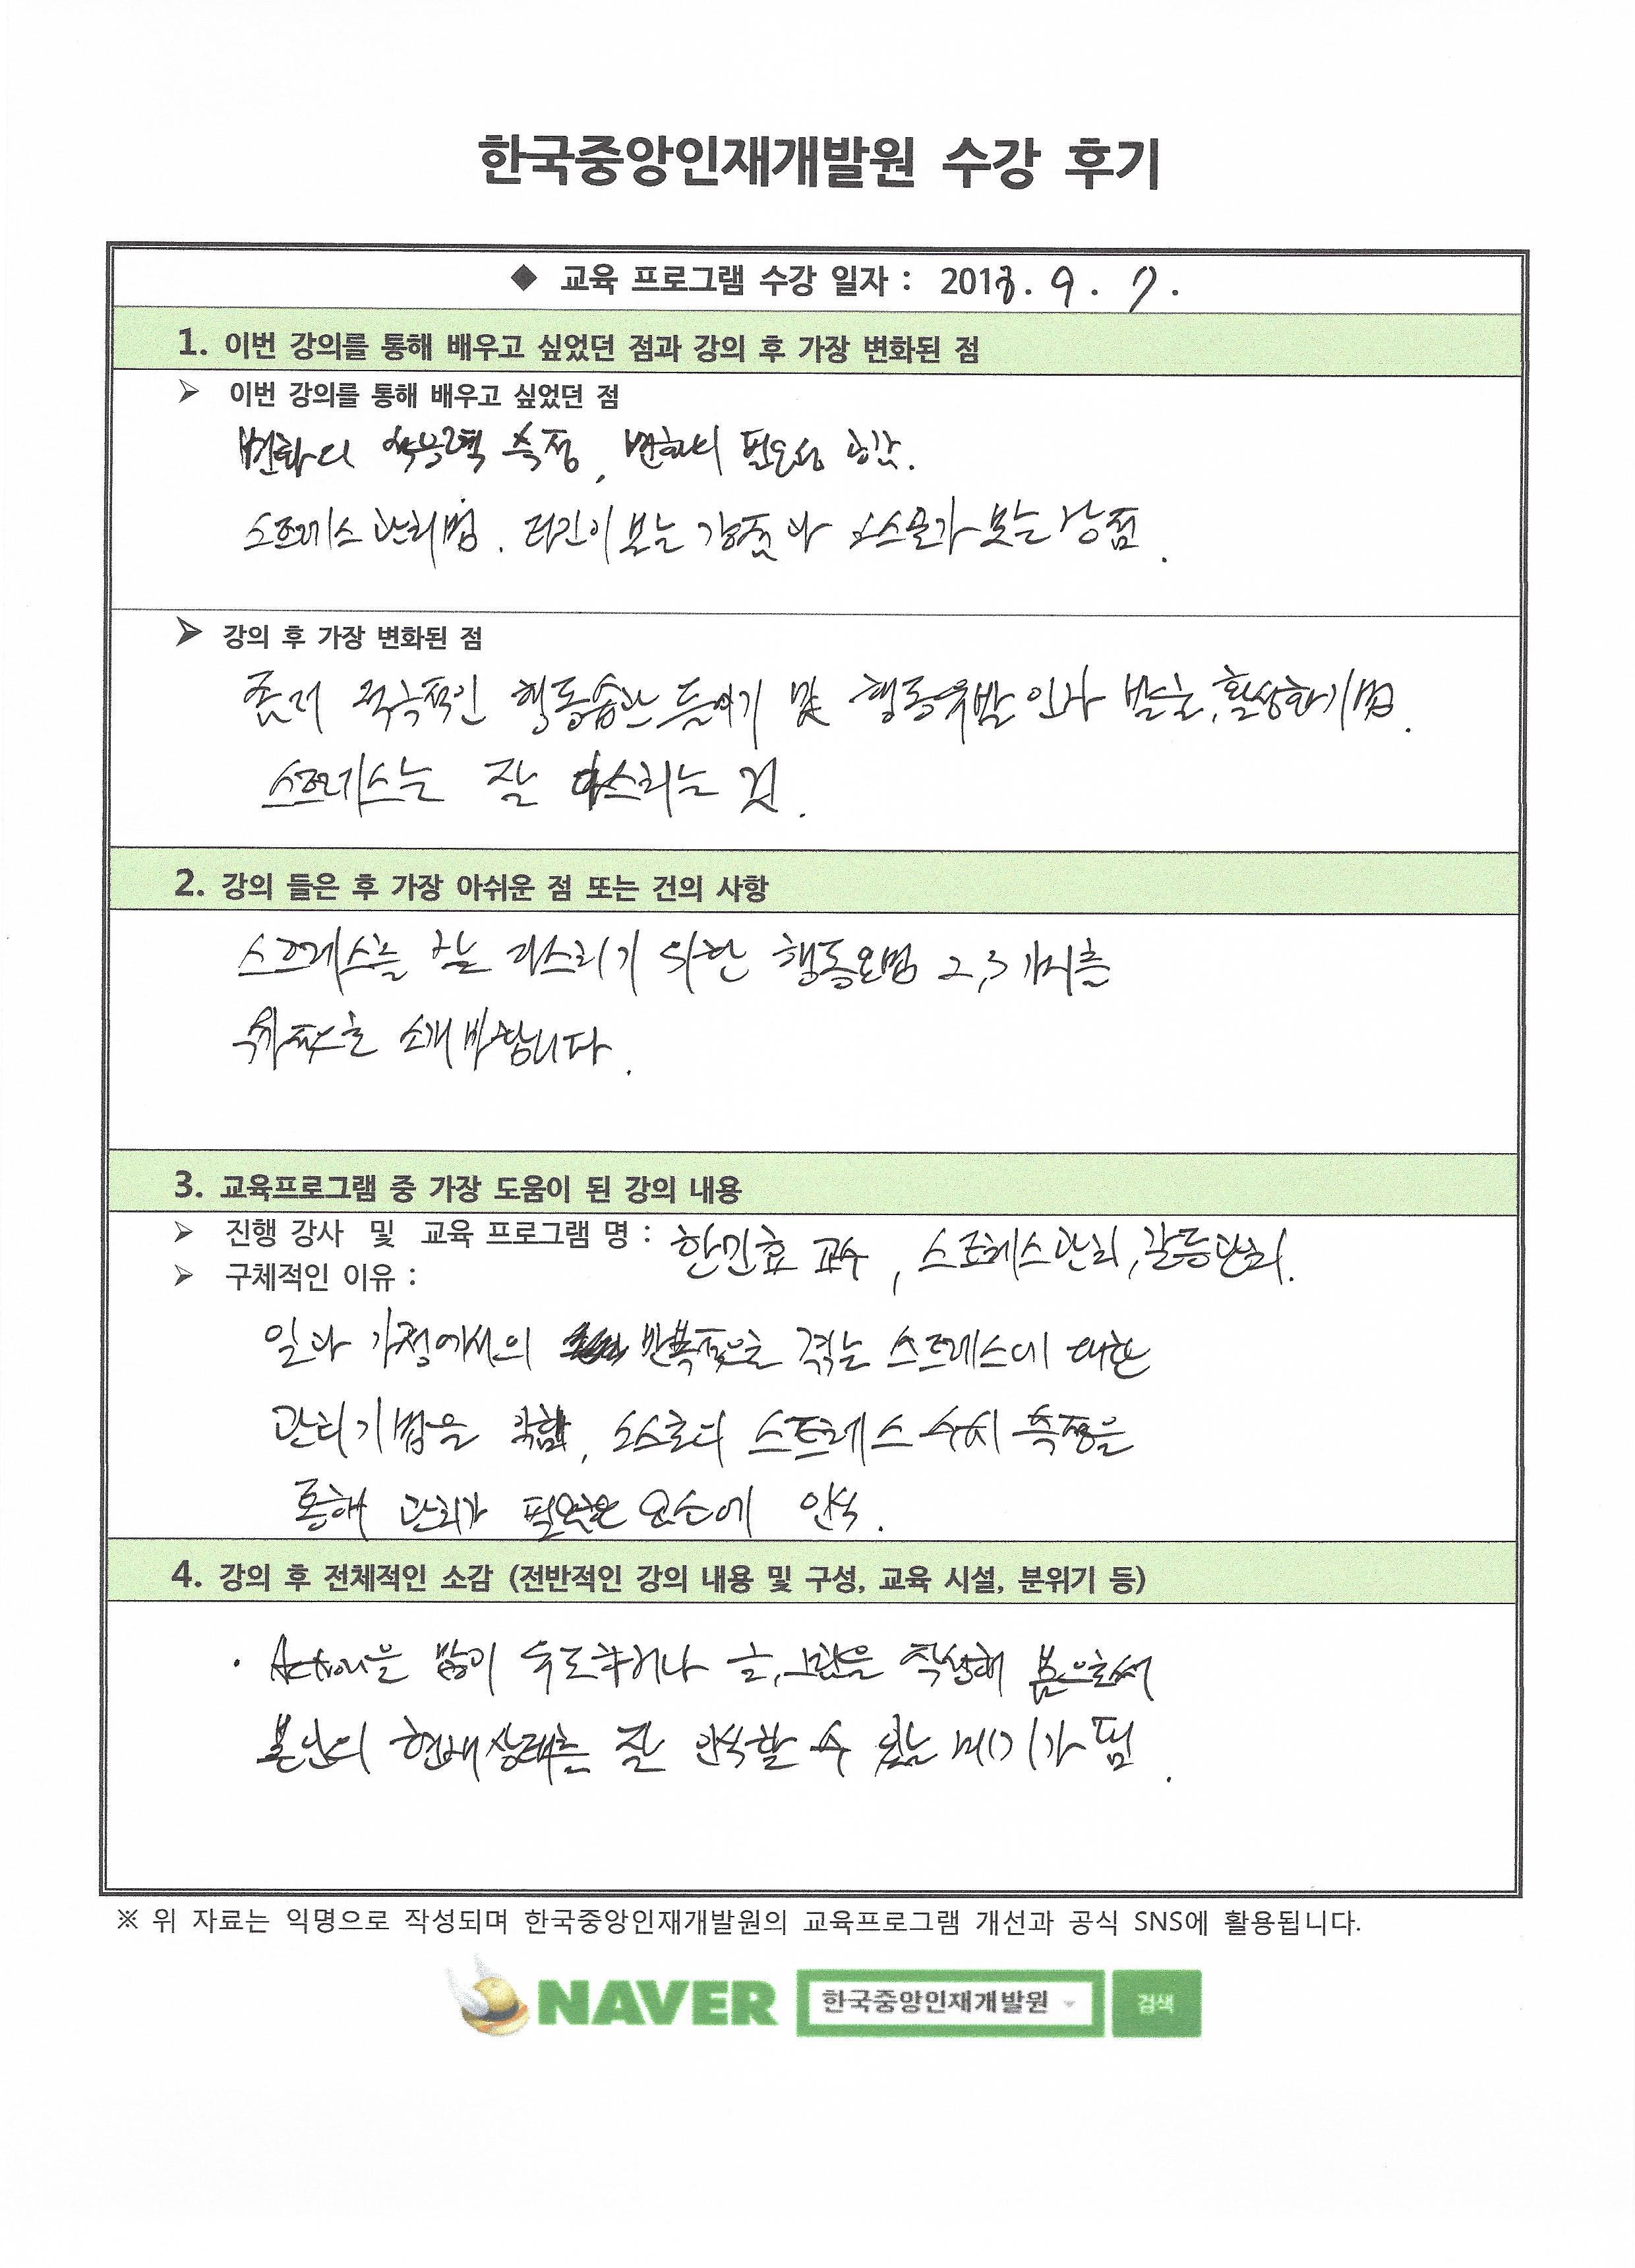 아진엑스텍후기 0907-8 사본.JPG